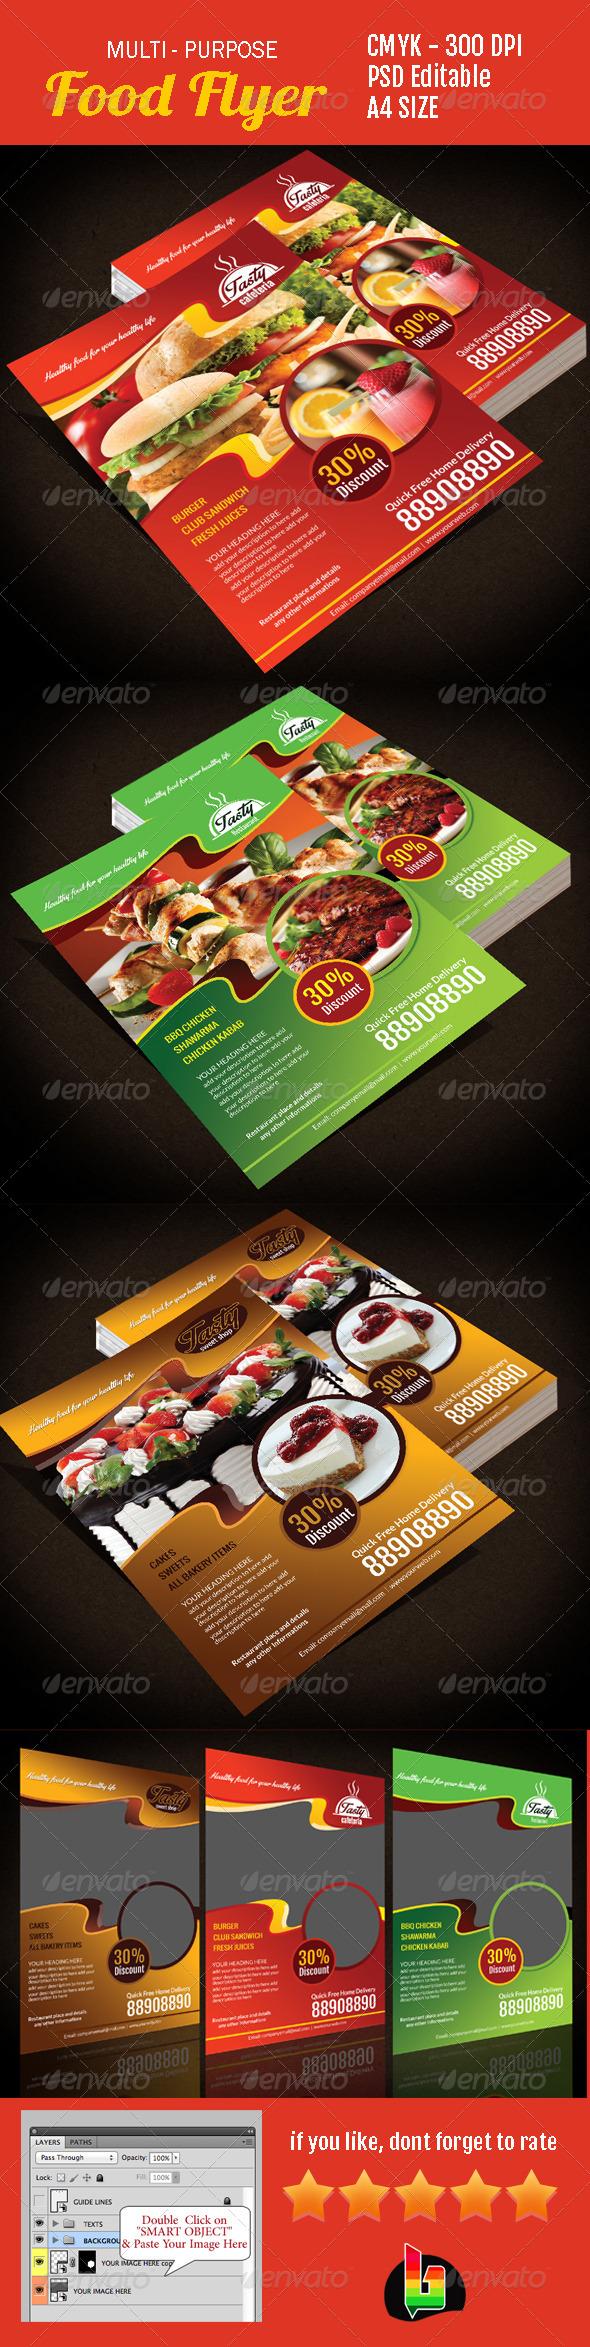 GraphicRiver Multi-Purpose Food Flyer 7040582